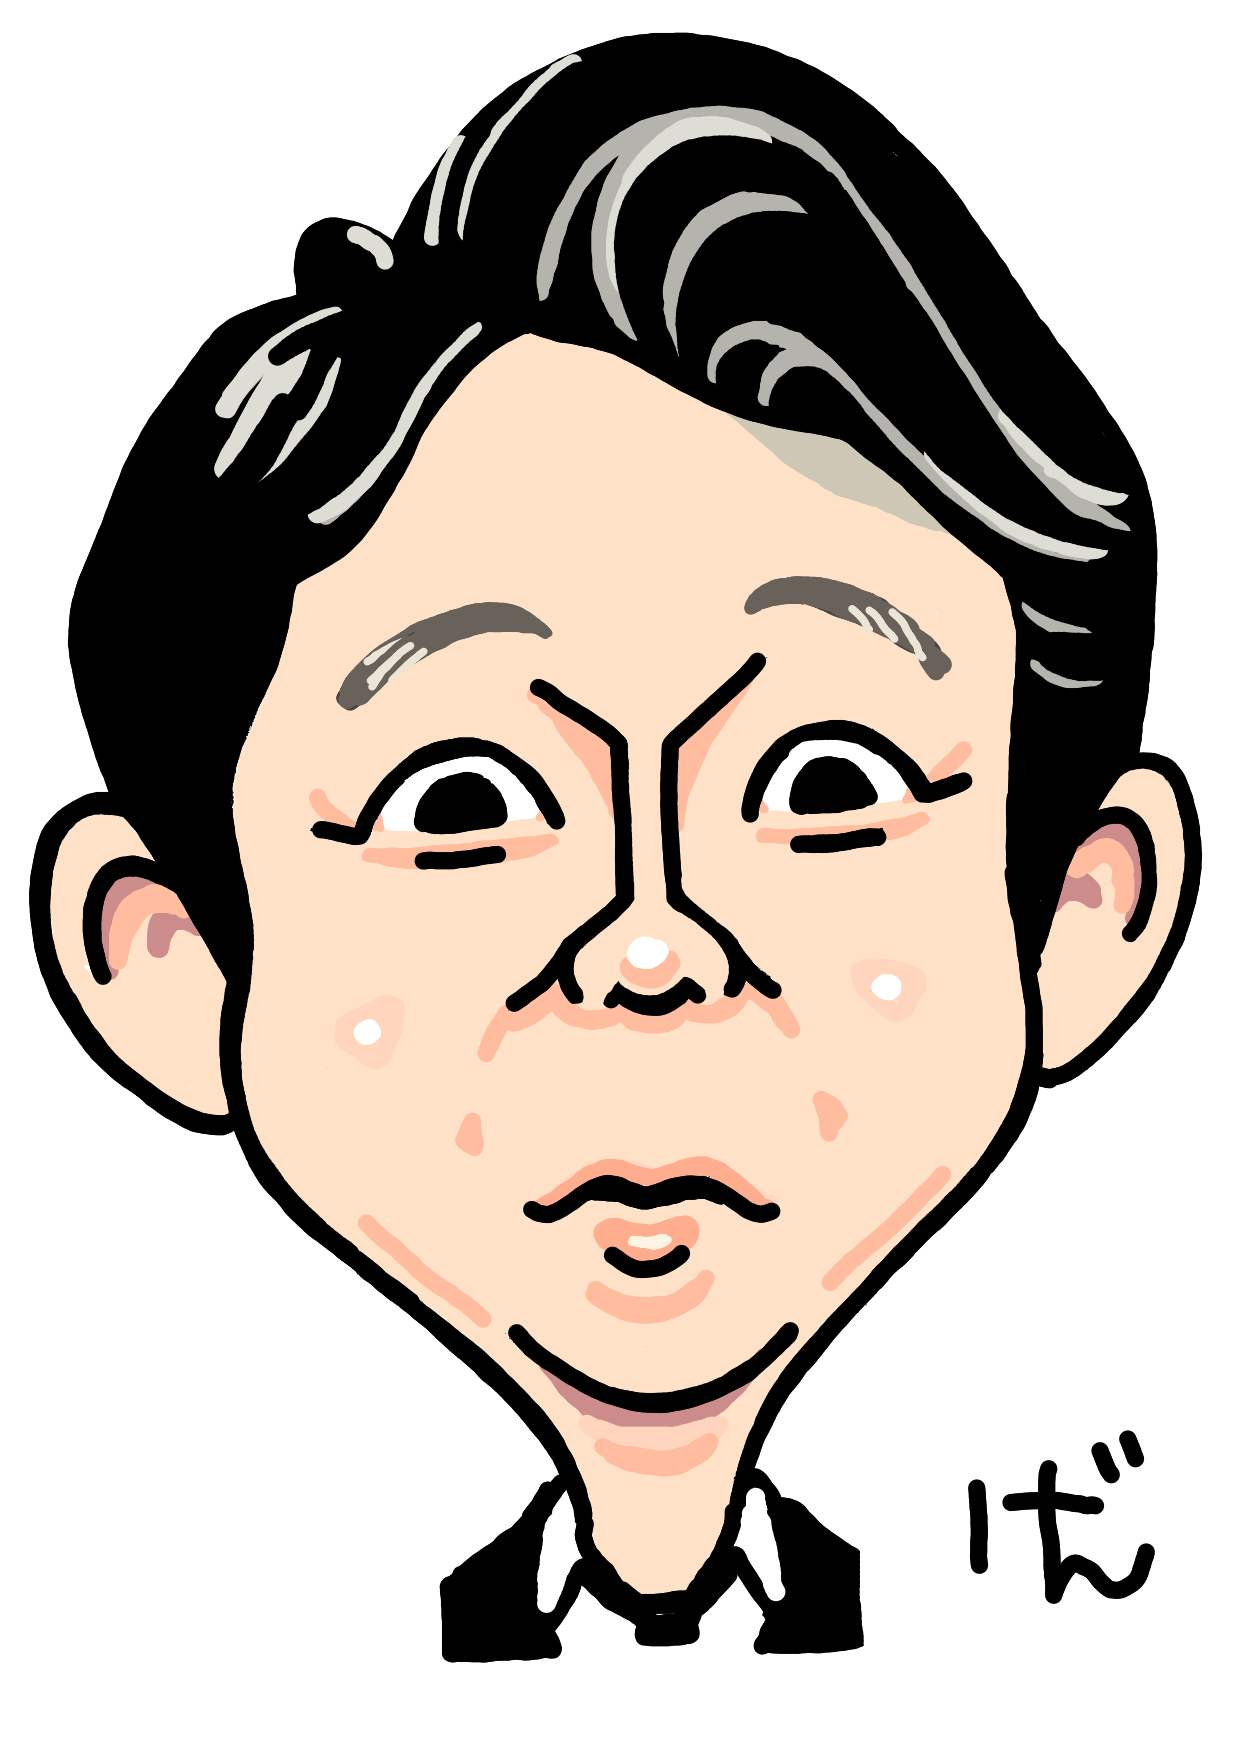 Hiroyuki-Ariyoshi